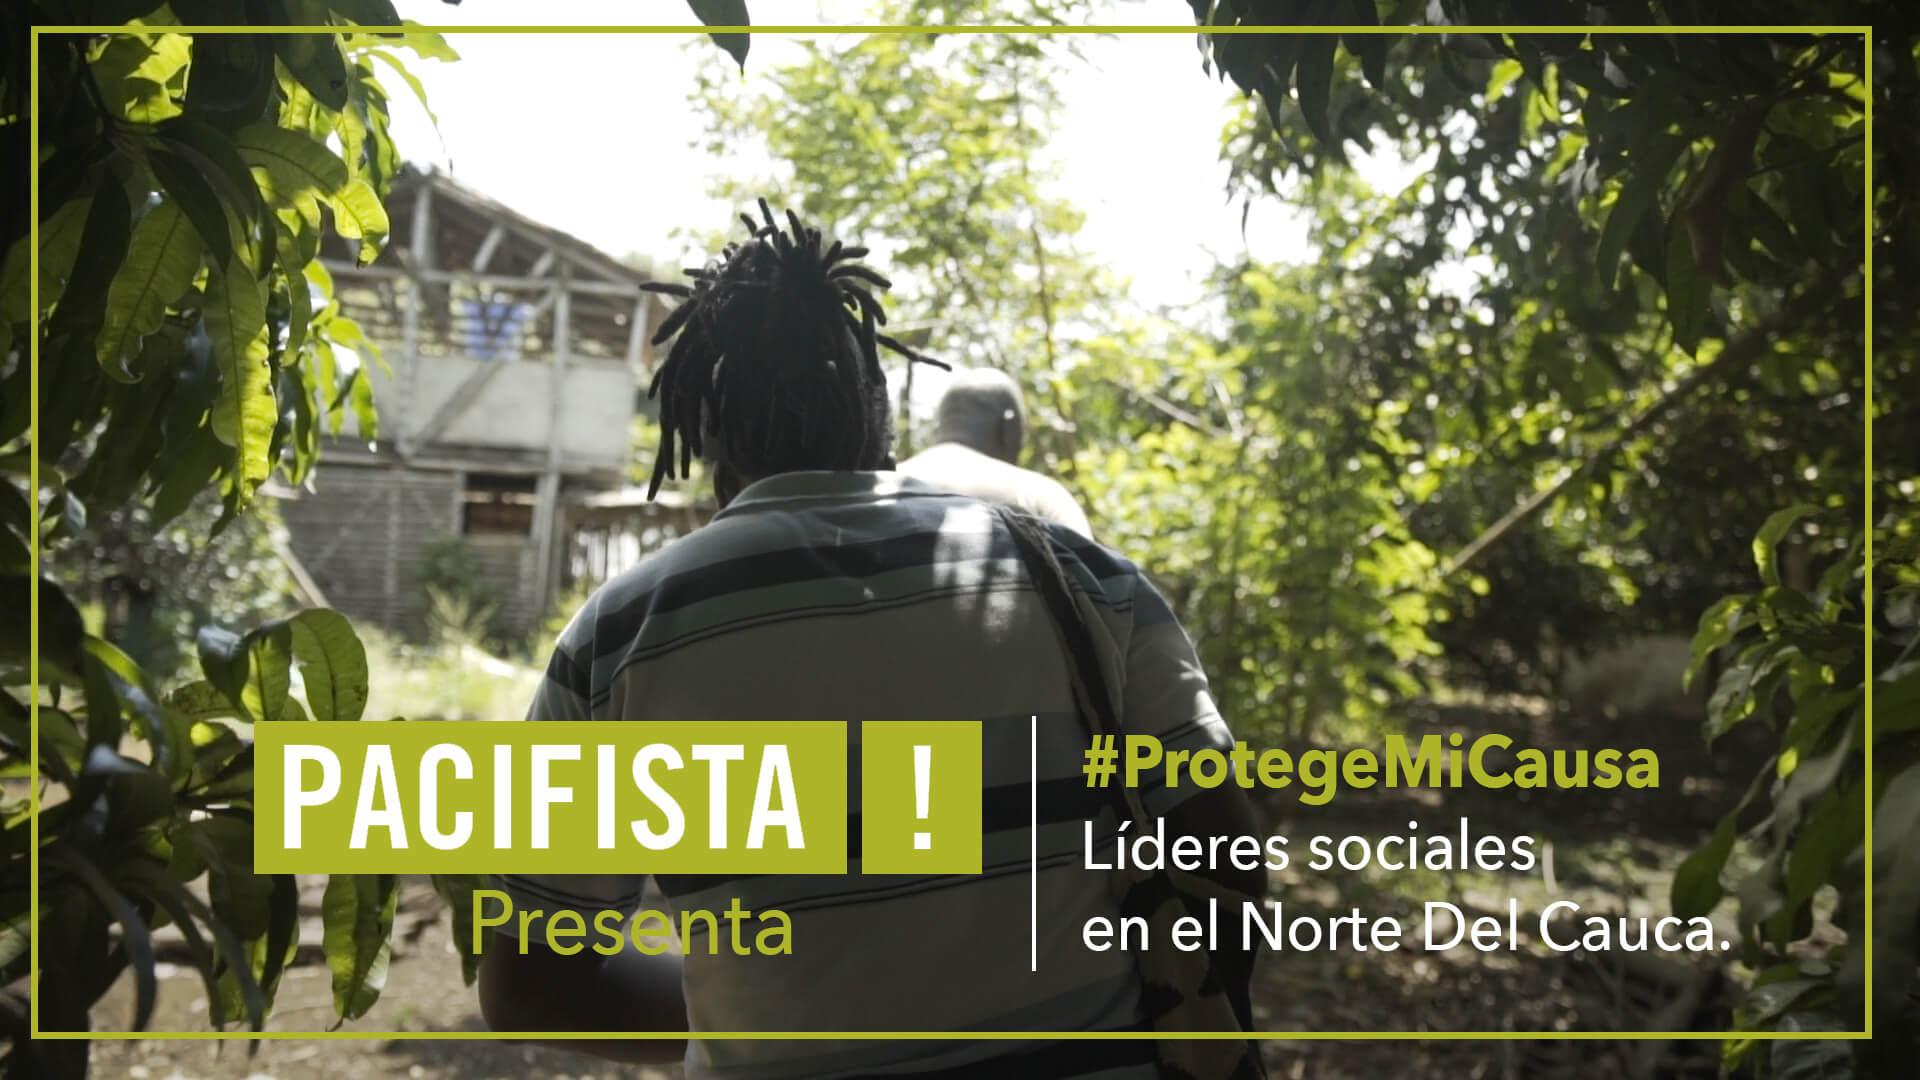 ¡Pacifista! presenta: #ProtegeMiCausa Líderes sociales en Cauca